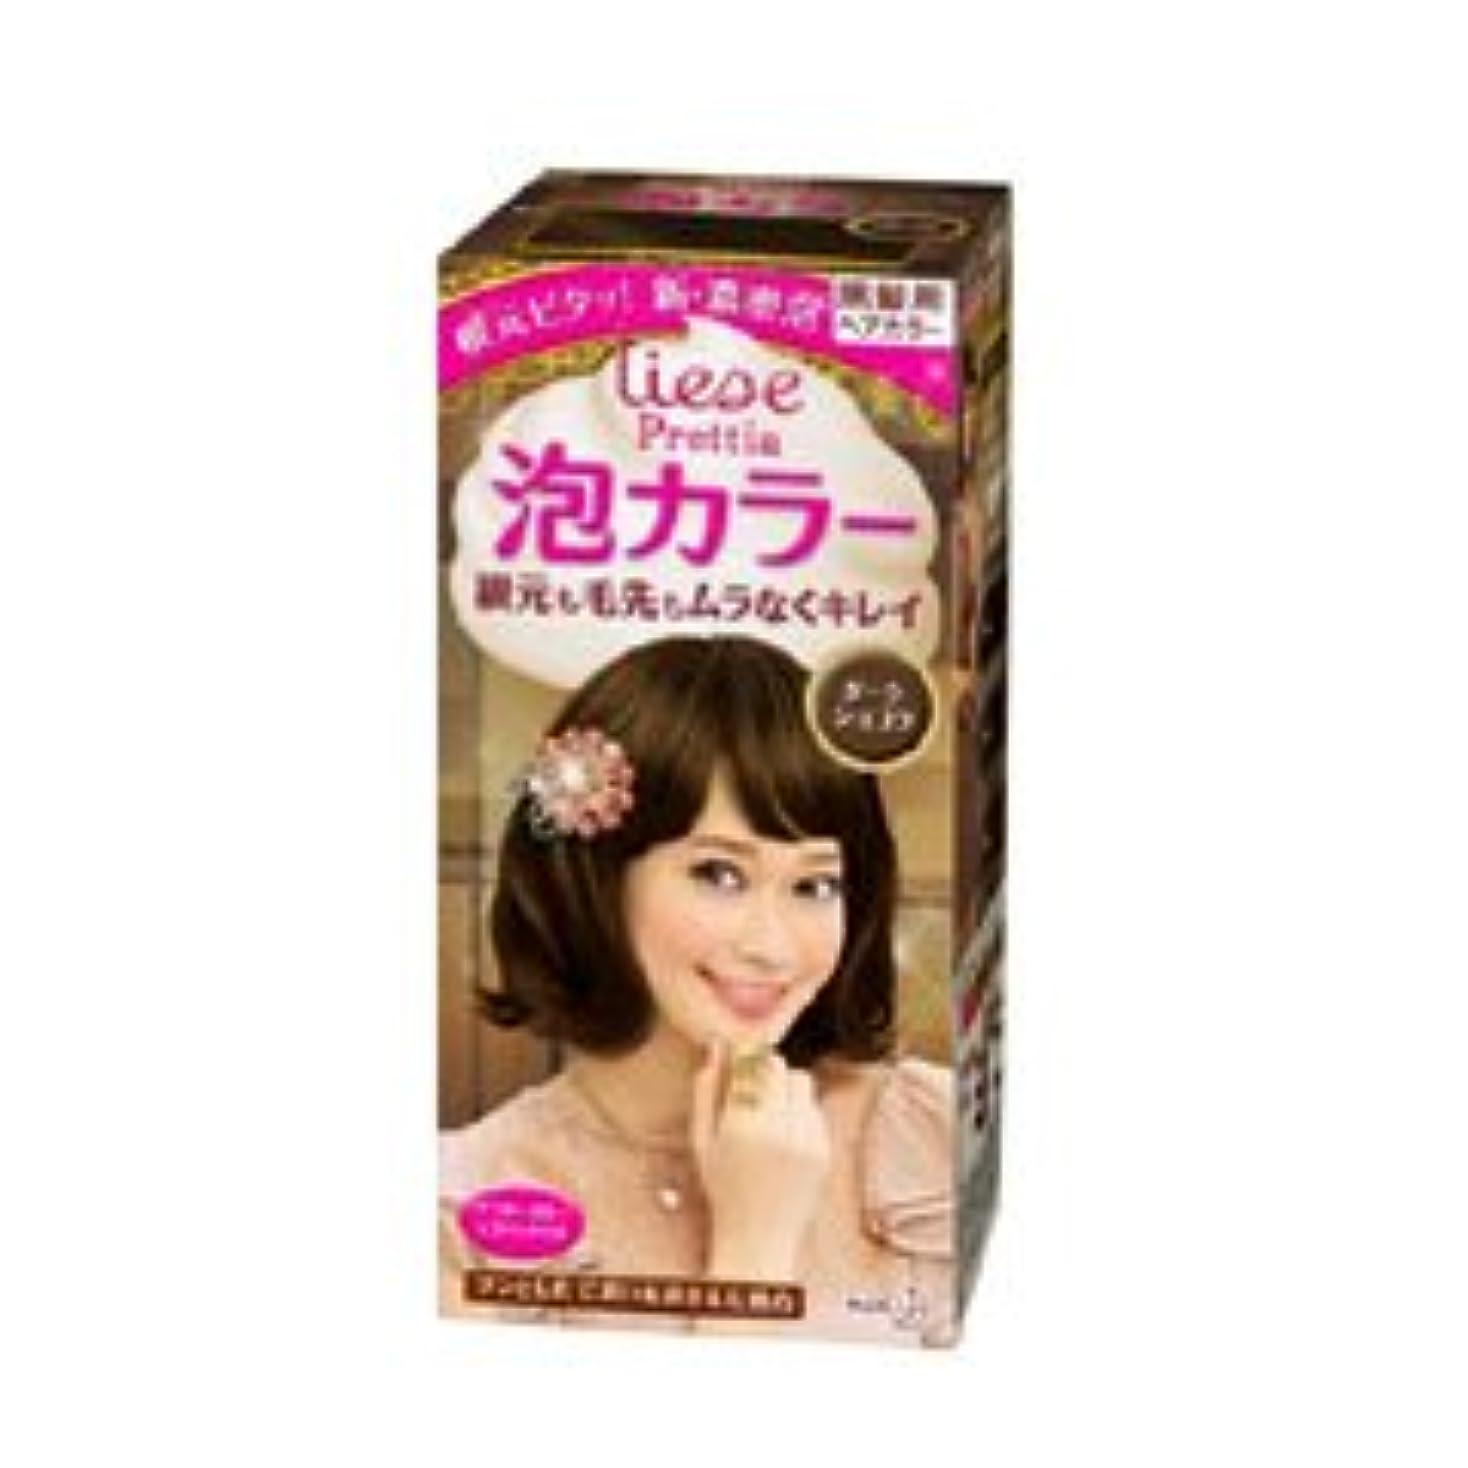 【花王】リーゼプリティア 泡カラー ダークショコラ